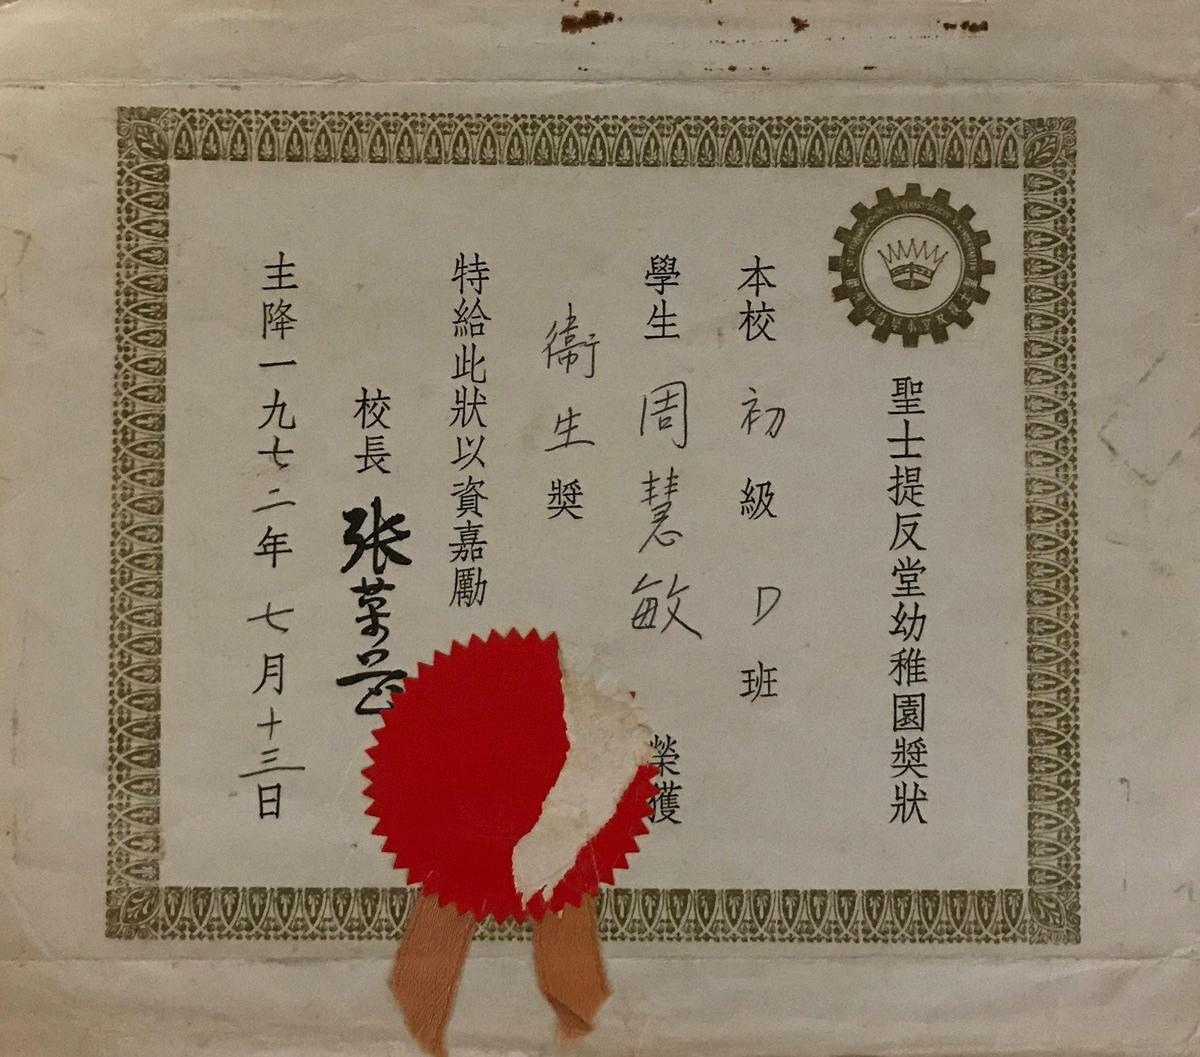 周慧敏人生第1張獎狀是「衛生獎」。(翻攝周慧敏臉書)